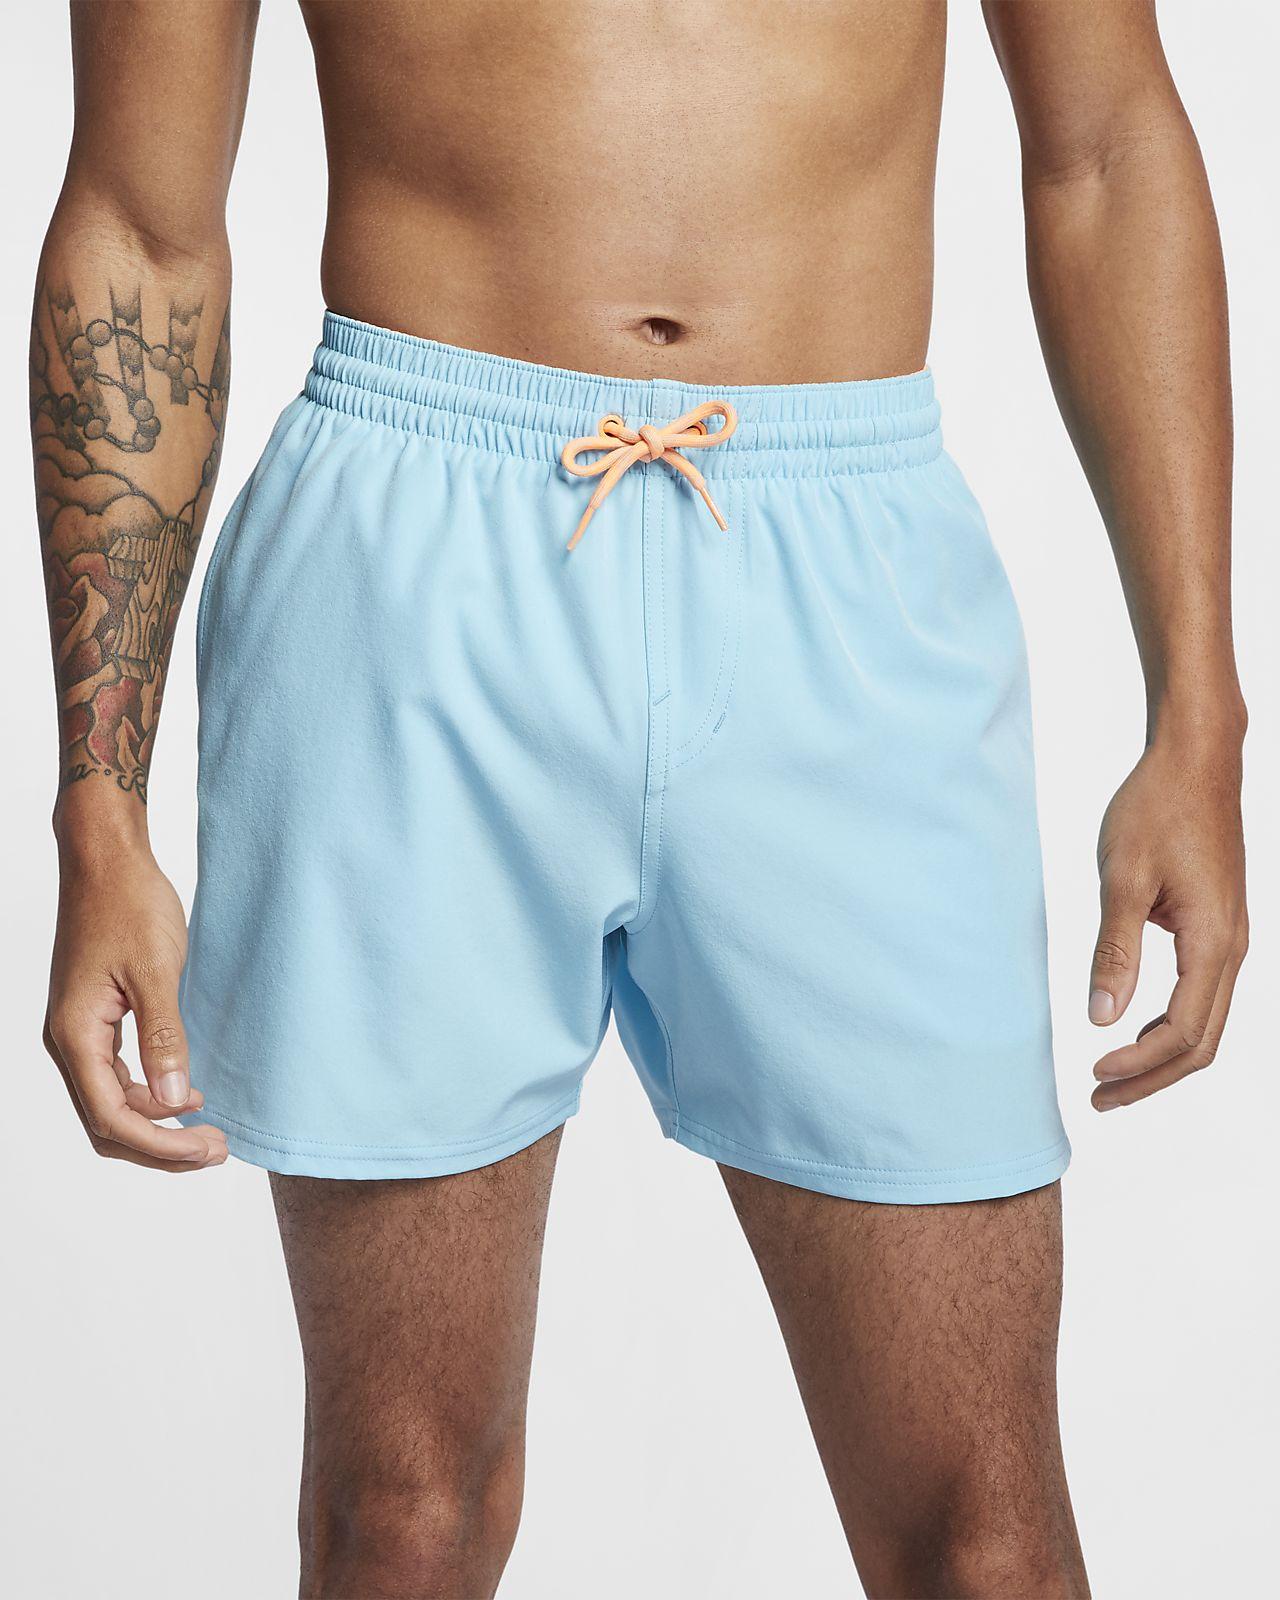 Nike Swim Retro Stripe Lap Herren-Badeshorts (ca. 13 cm)